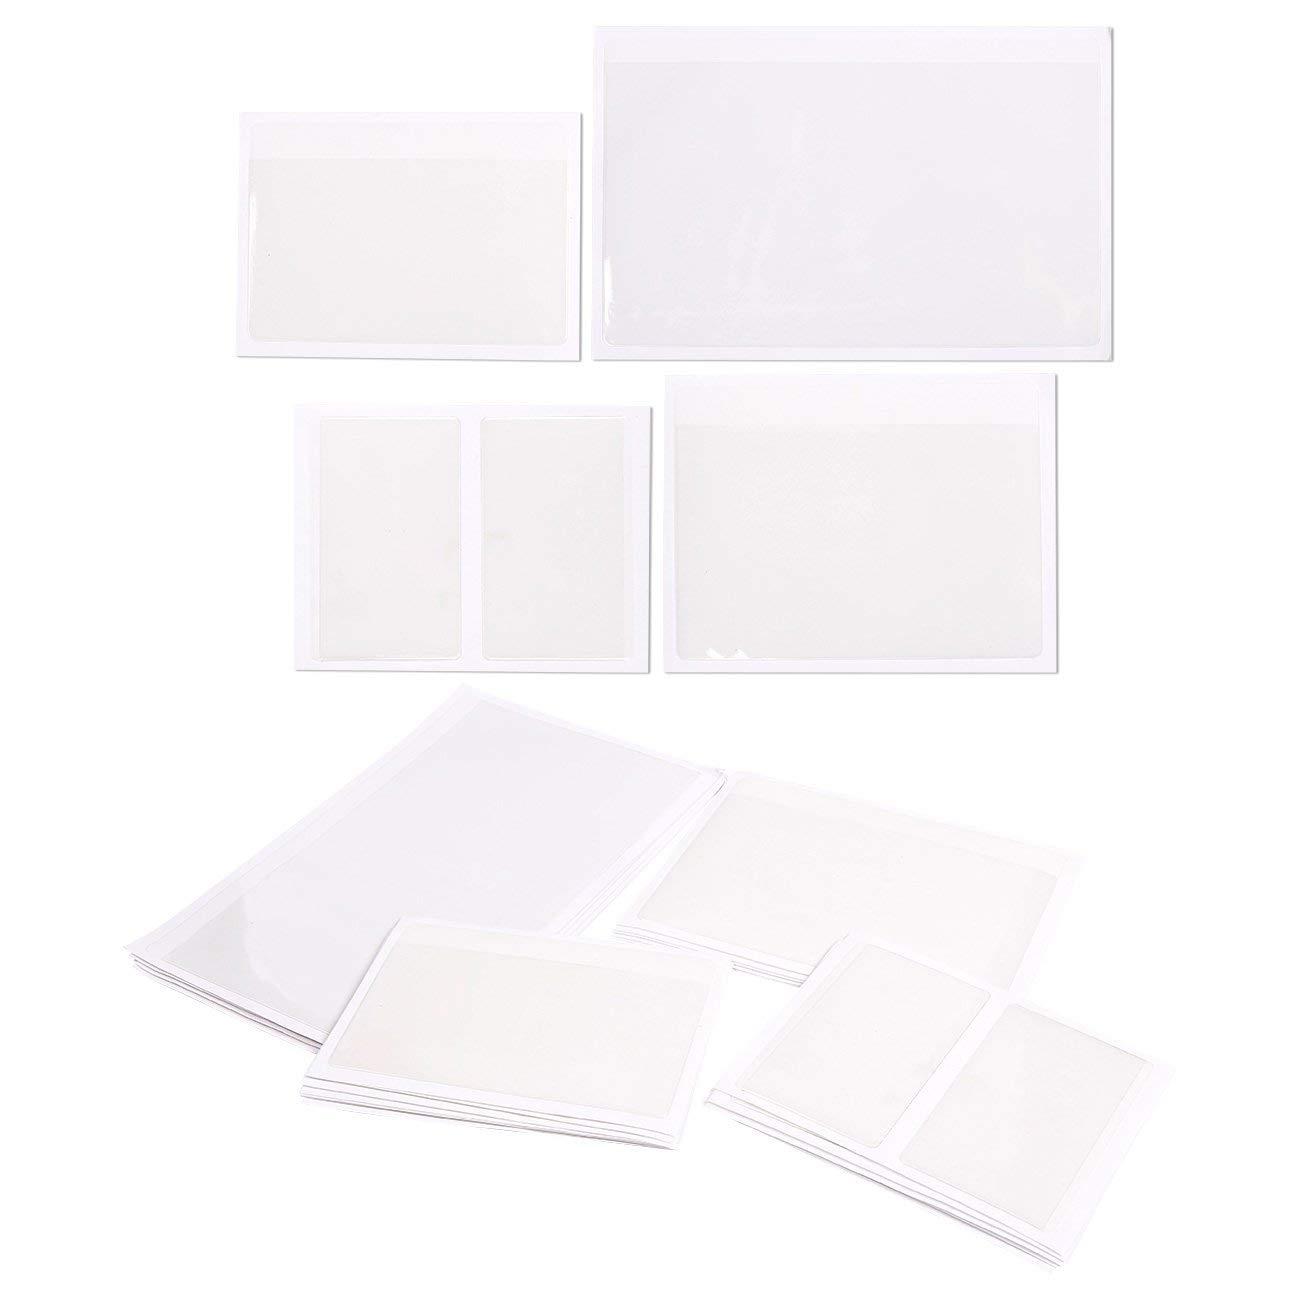 24 PCS Self-Adhesive Index Card Pockets Poly Pockets Labeling Pockets,6.50 x 5 Inch,8?5.12 x 3.94 Inch,8?3.94 x 2.36 Inch by GYWST